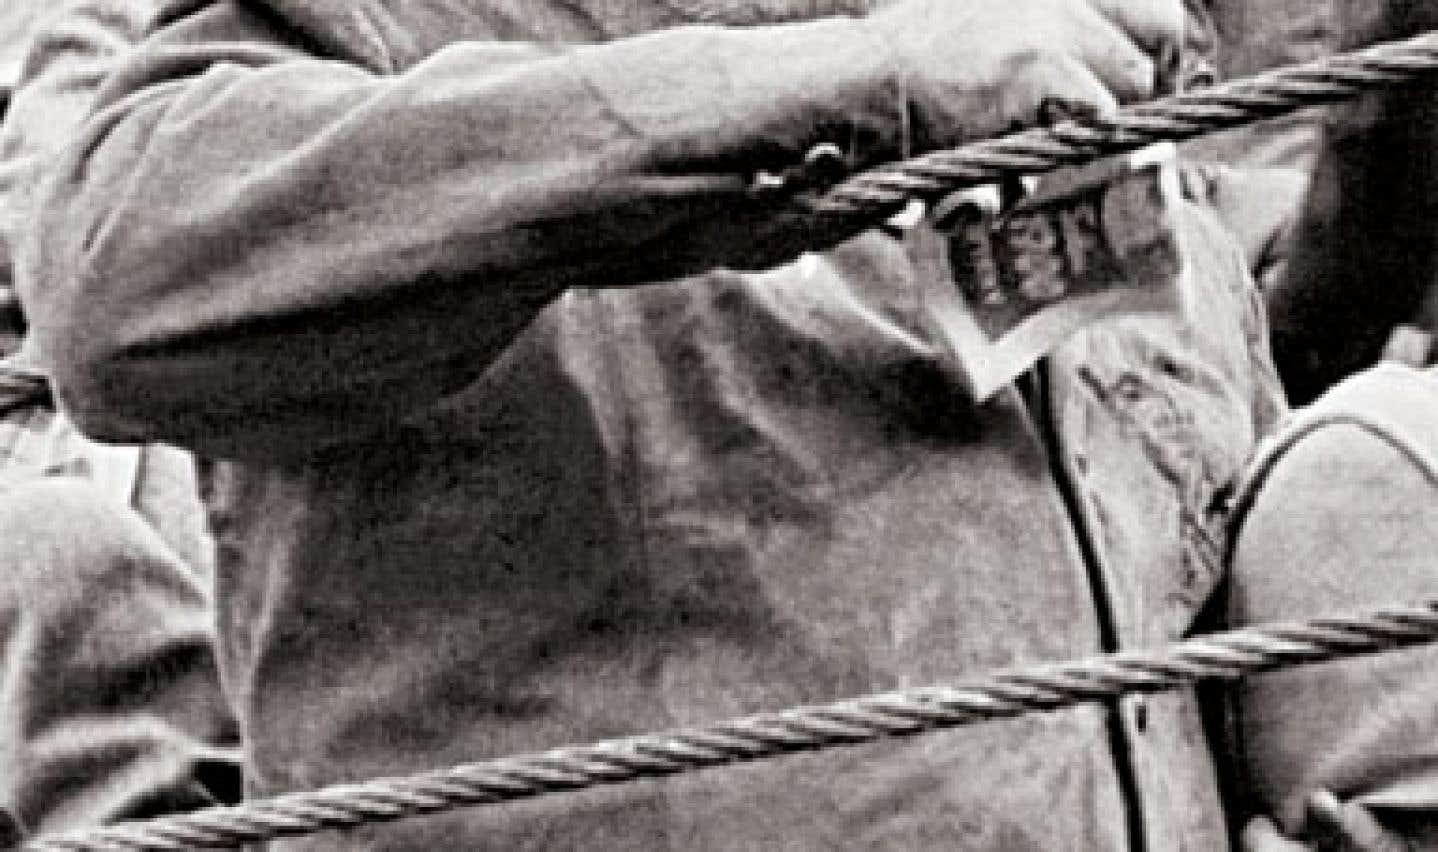 Un inédit d'Hemingway dans l'arène médiatique